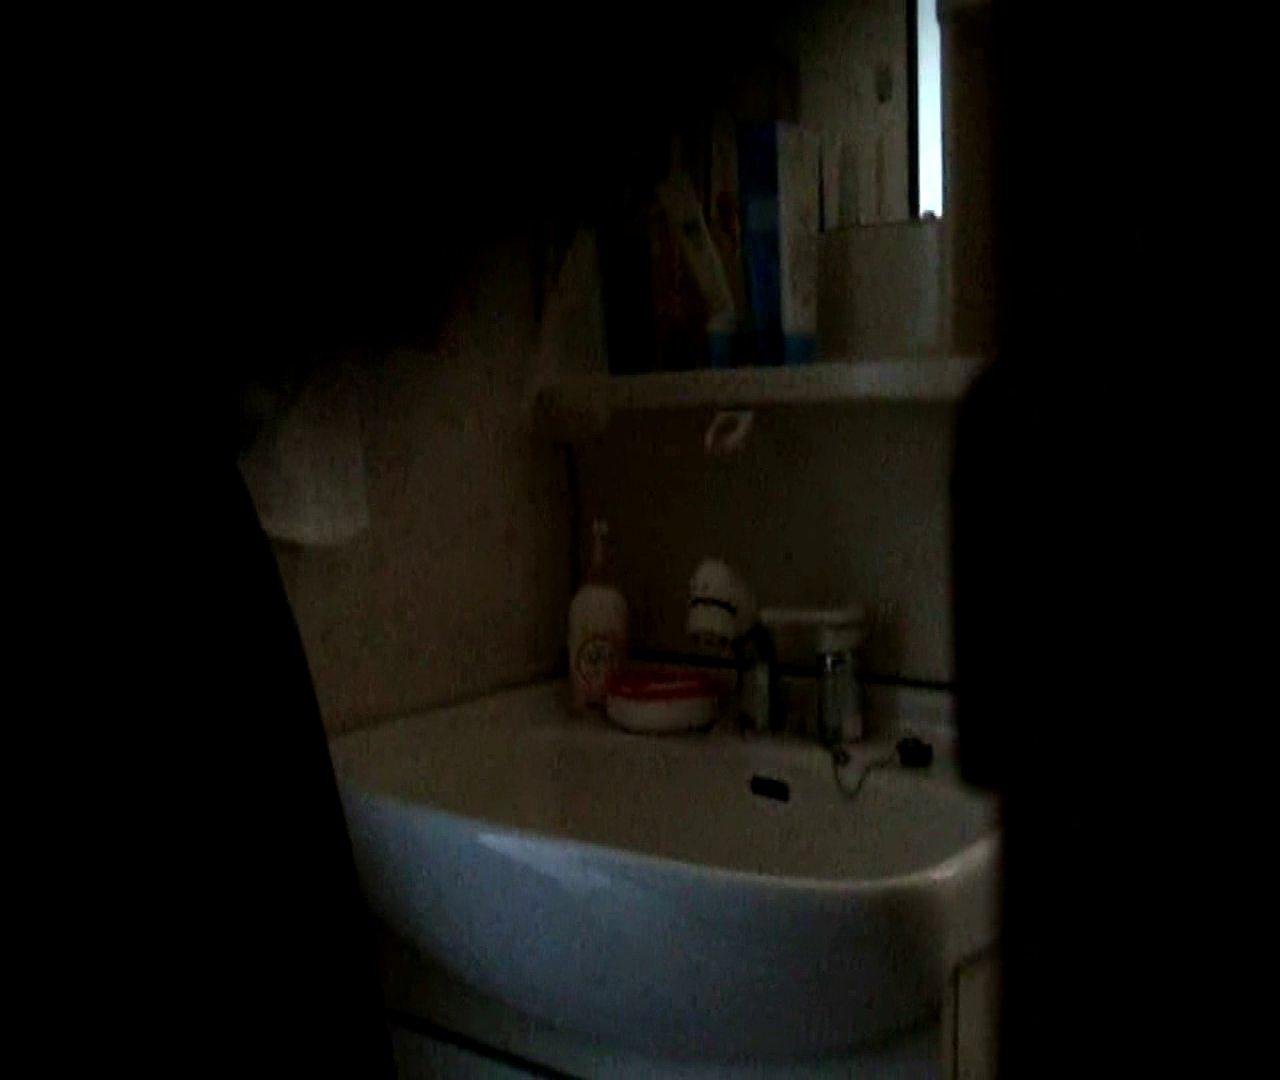 二人とも育てた甲斐がありました… vol.05 まどかが洗顔後にブラを洗濯 盗撮シリーズ | おまんこ見放題  79PIX 23